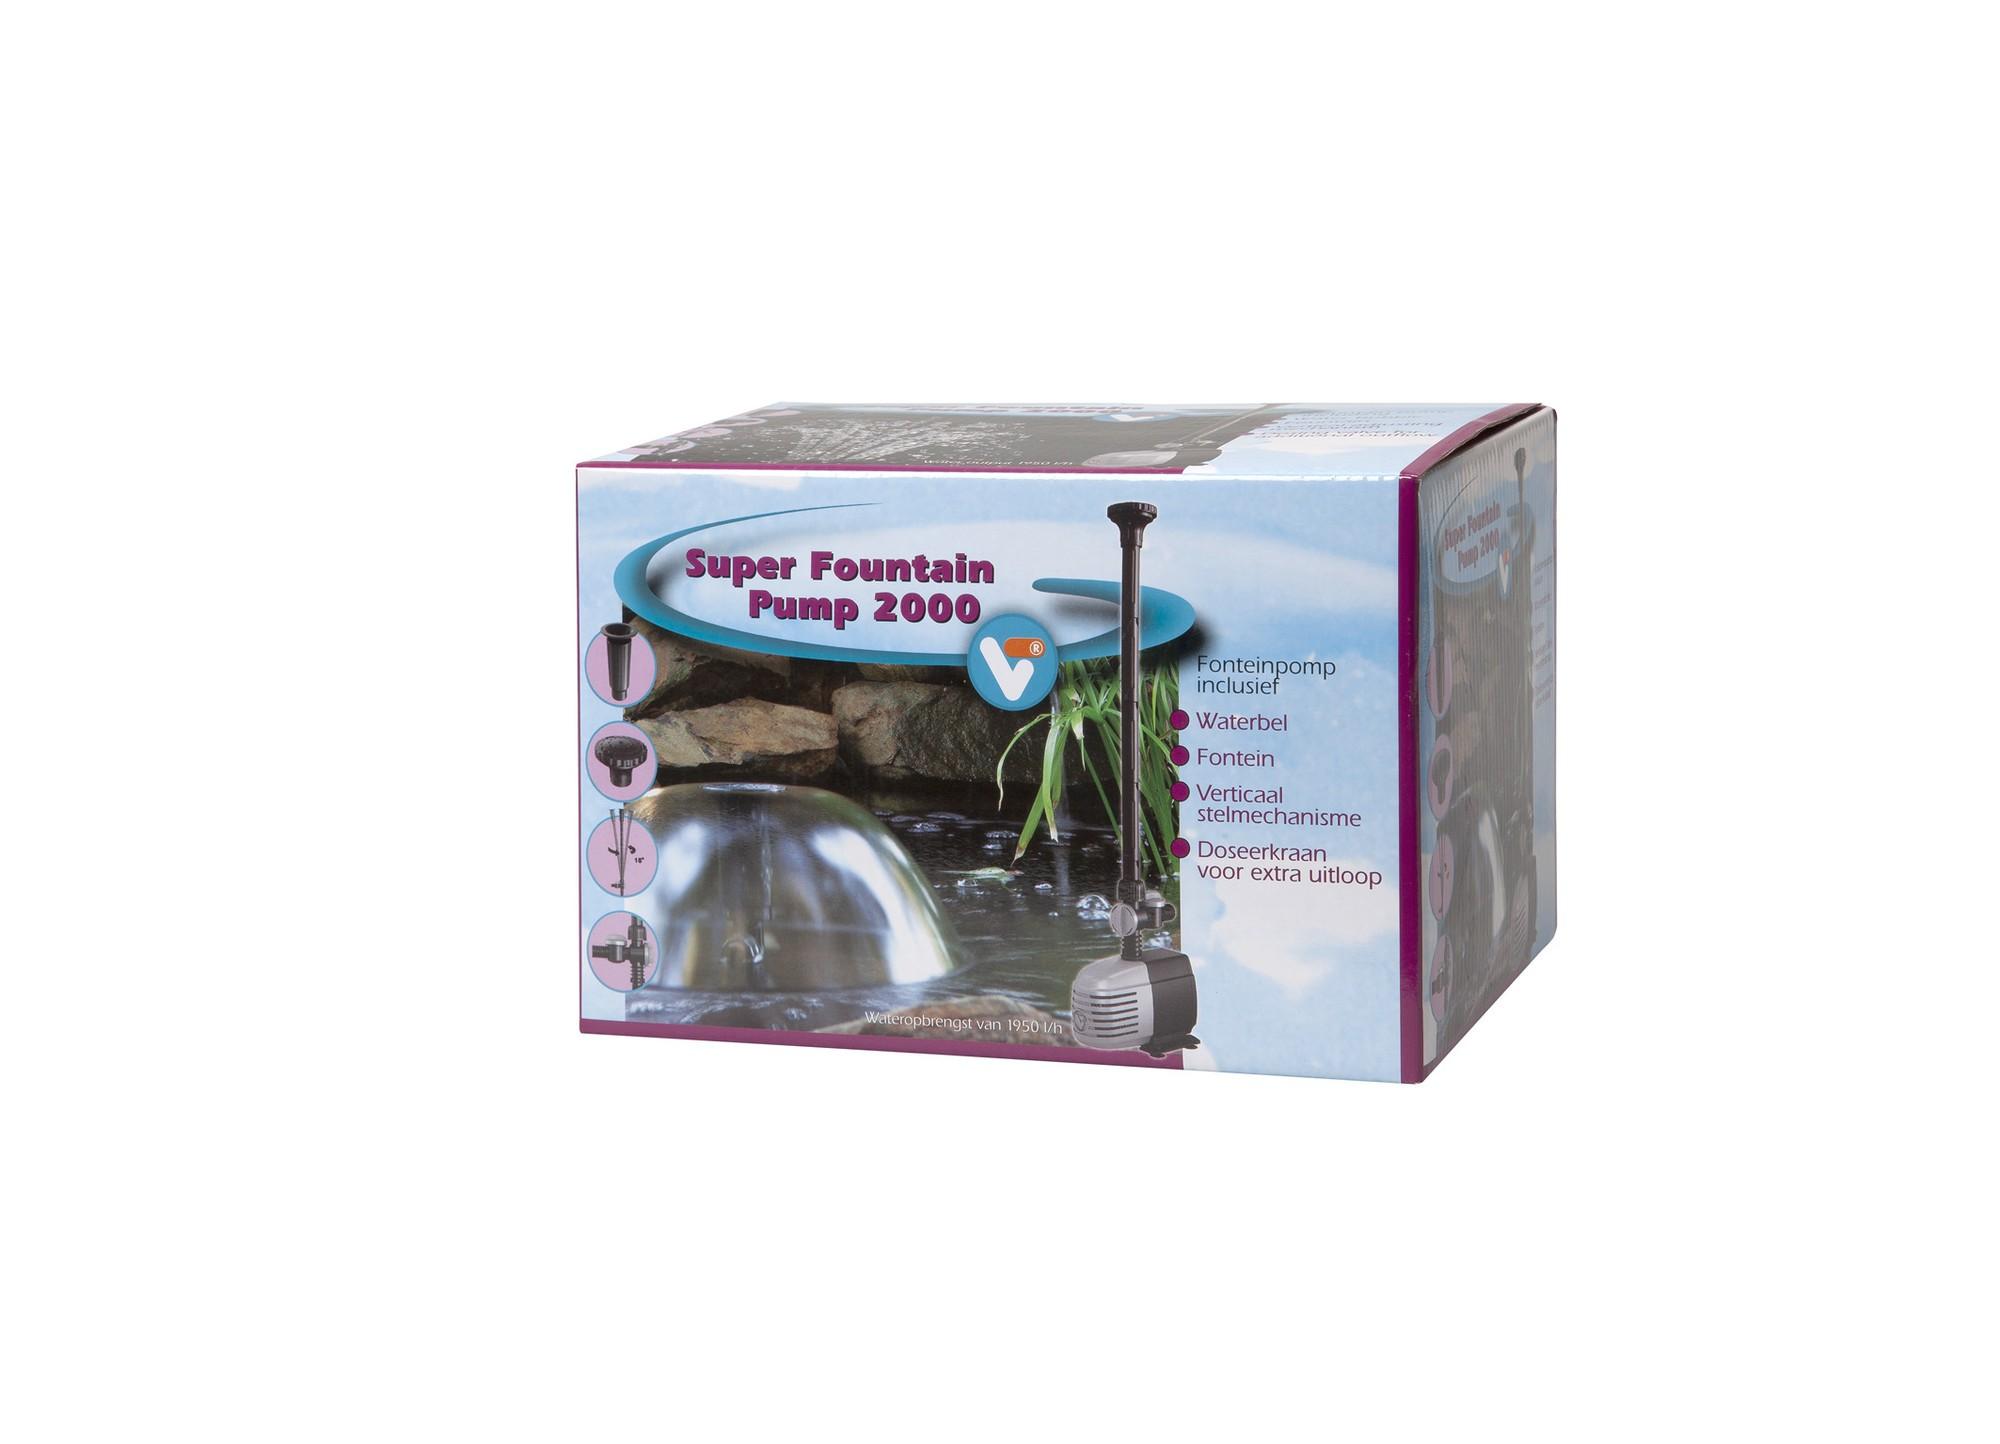 Fountain Pump 2000